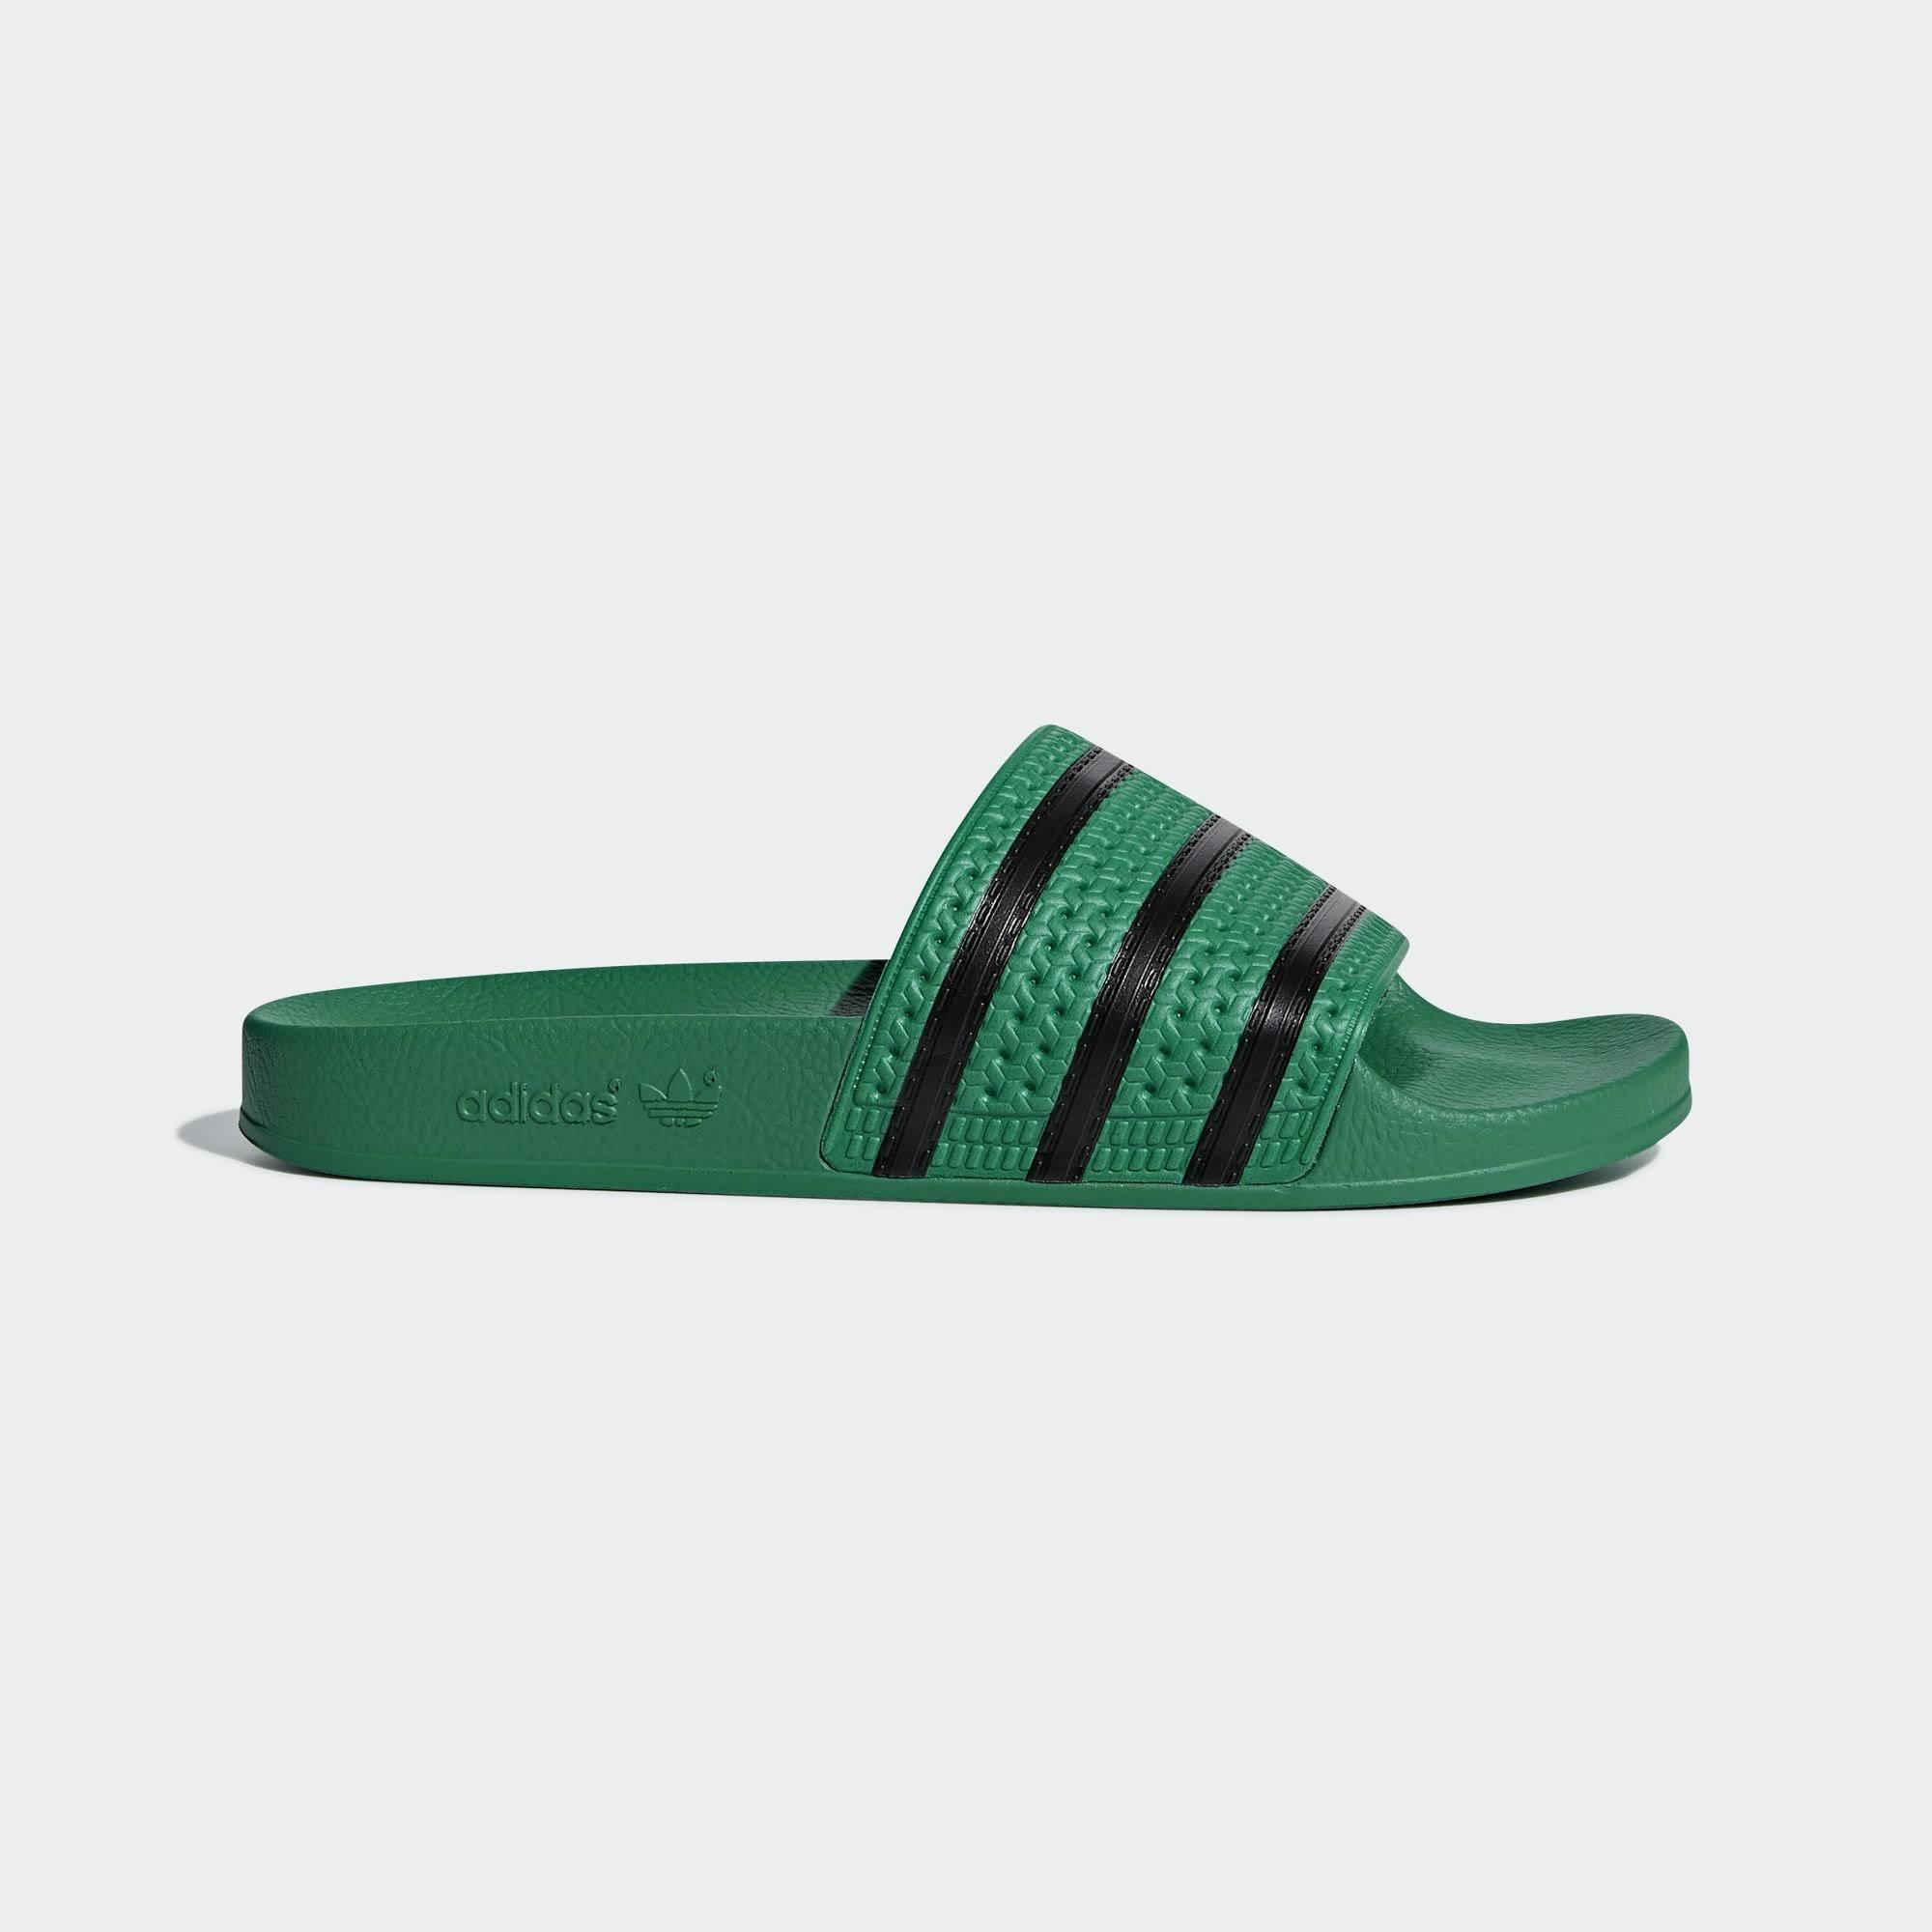 Adidas Cm8443 Adilette cblack Bgreen Schwarz Grün Pantoletten bgreen OqTc4TS